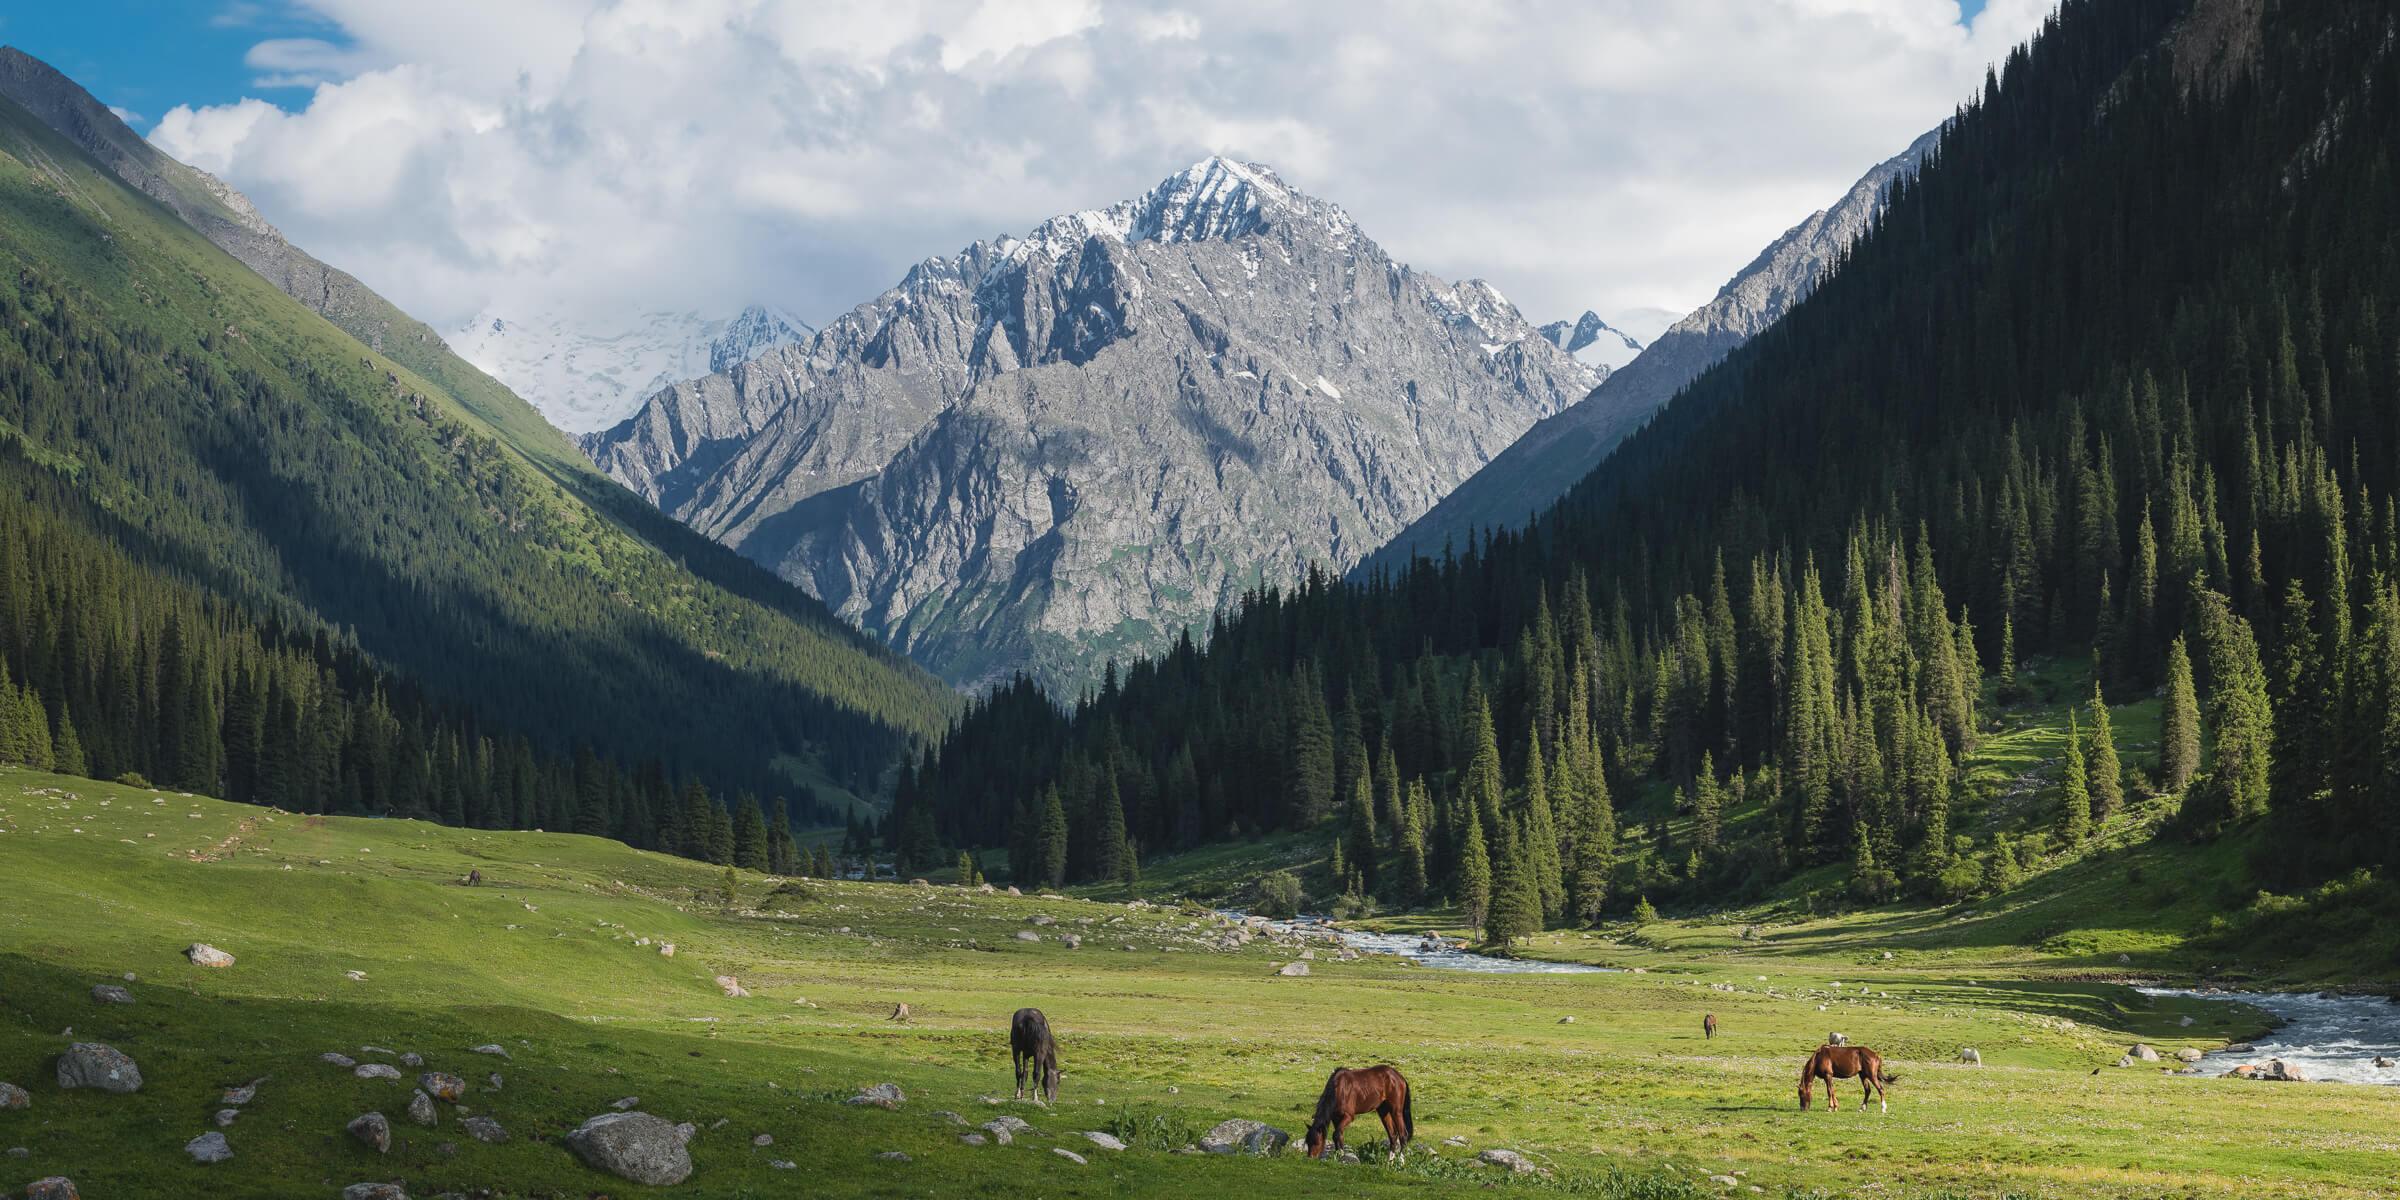 altyn arashan hot springs near issyk kul kyrgyzstan